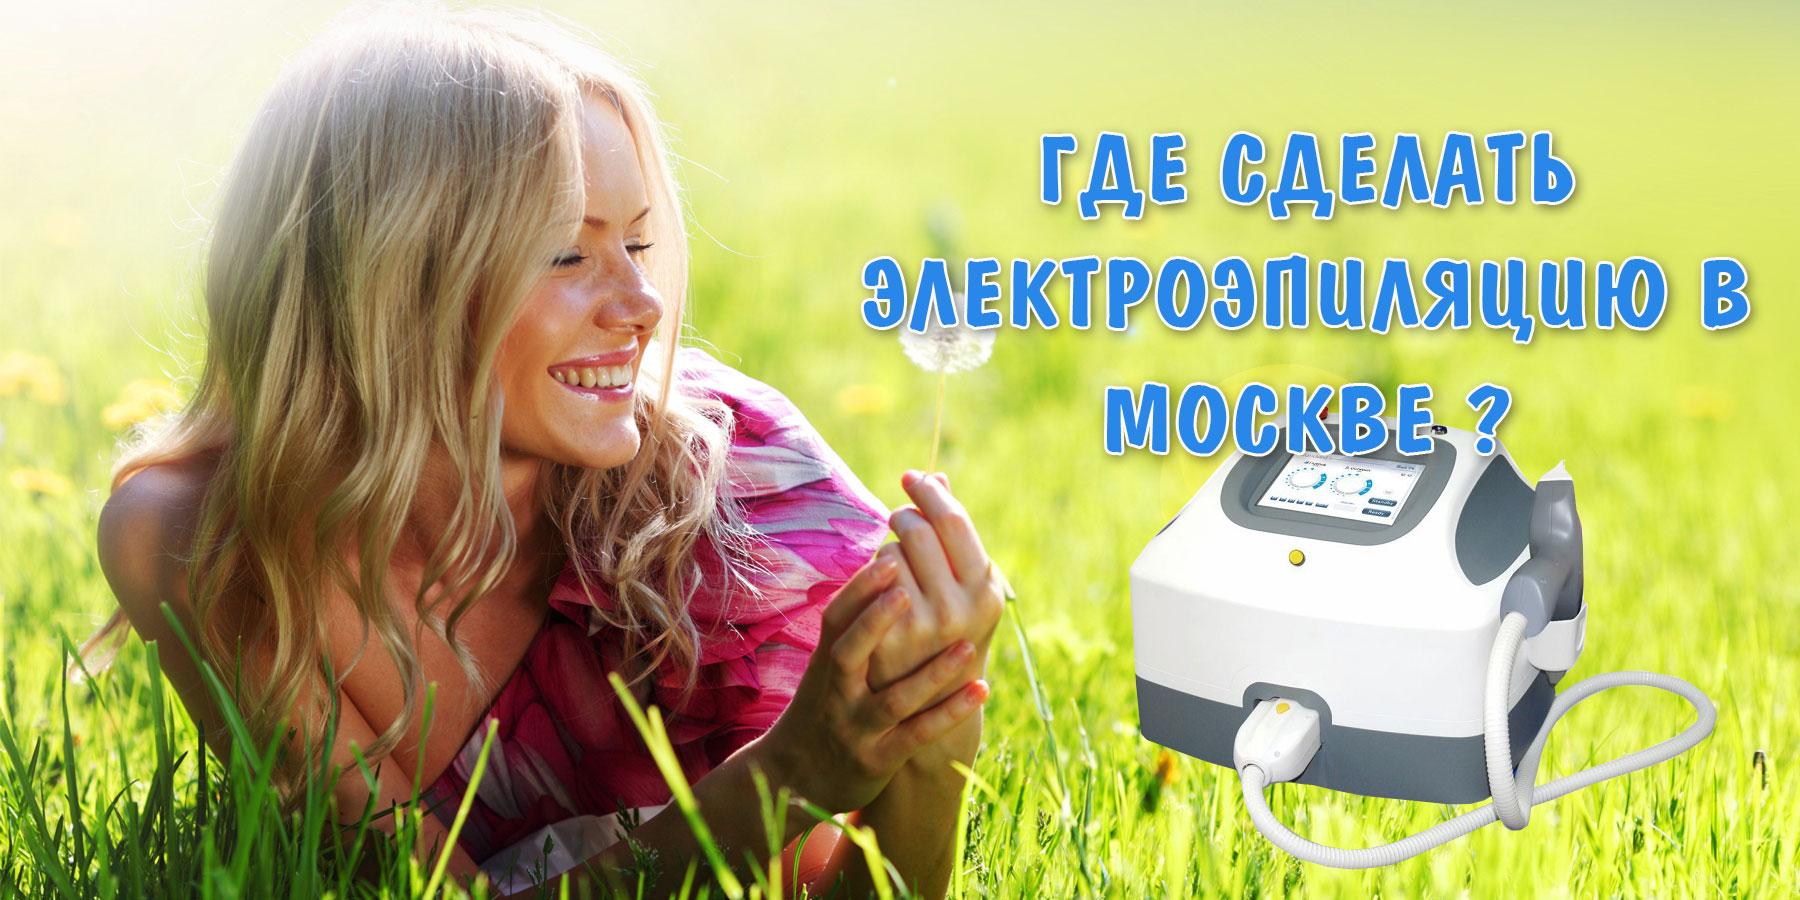 Где сделать недорогую электроэпиляцию в Москве?